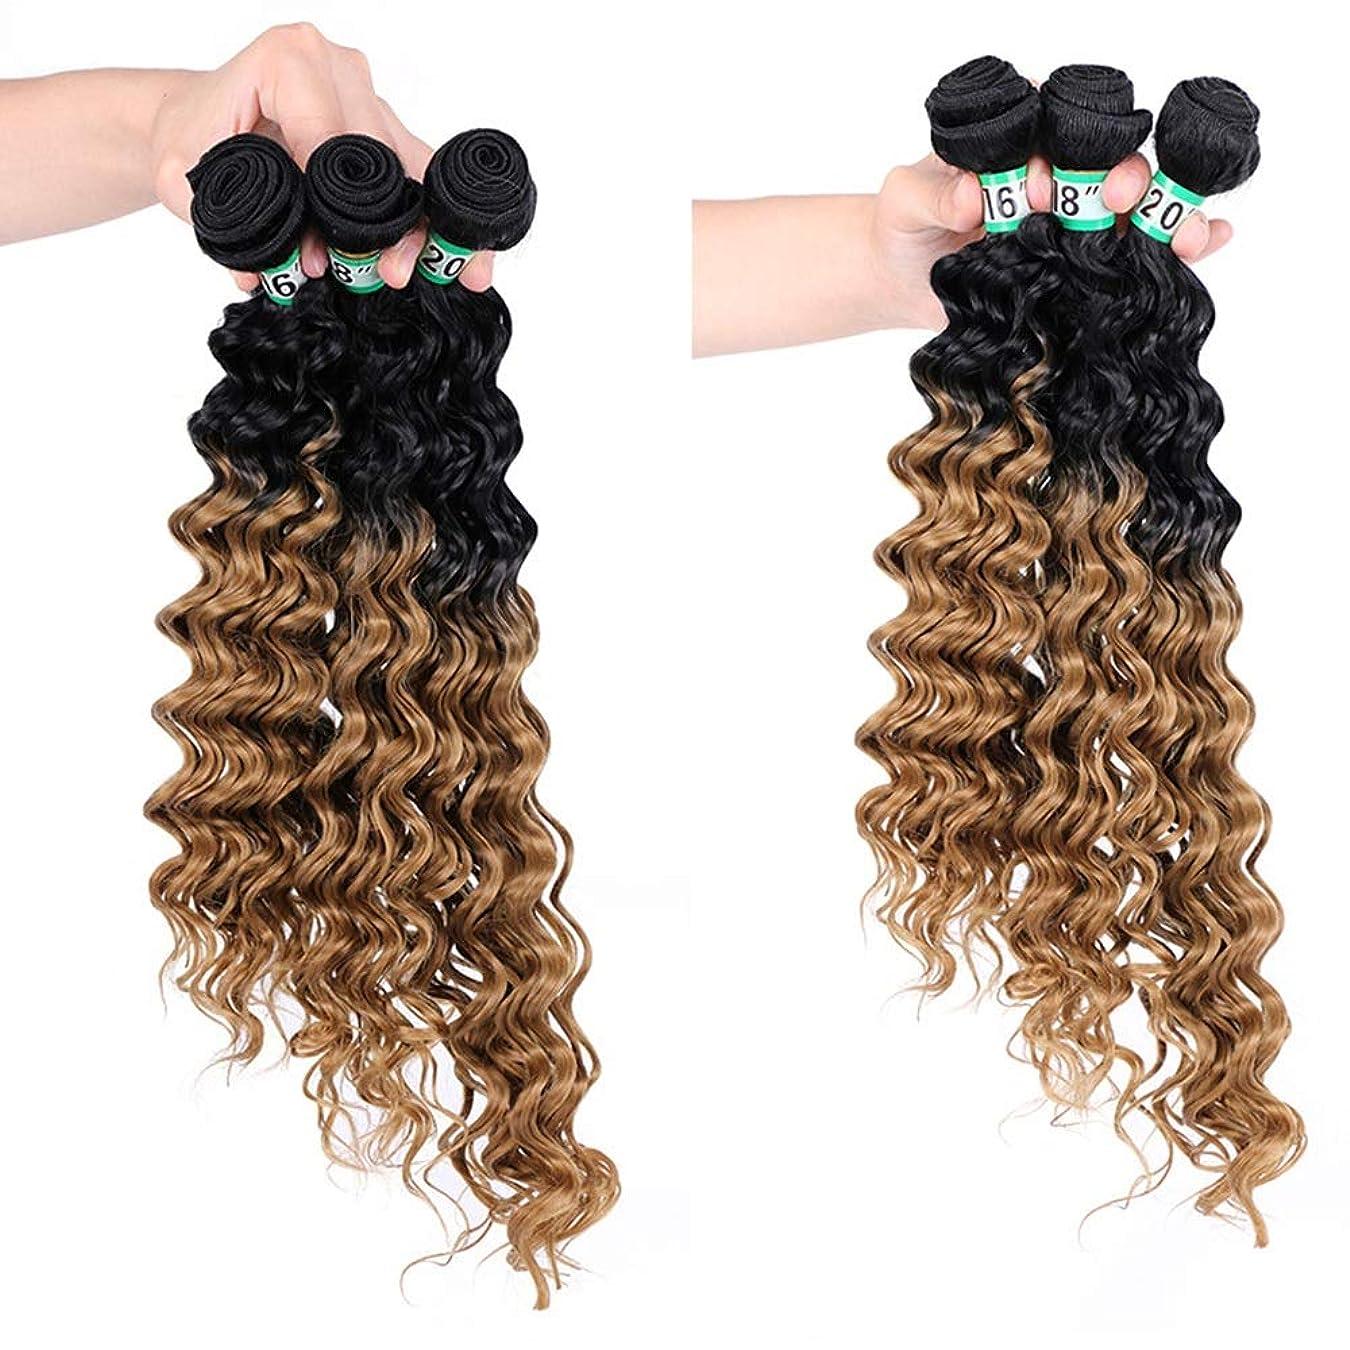 仕様リンス差し迫ったBOBIDYEE ディープカーリーウェーブ3バンドルブラジルのヘアエクステンション - T1 / 27#茶色の合成髪レースかつらロールプレイングかつらロングとショートの女性自然 (色 : ブラウン, サイズ : 16